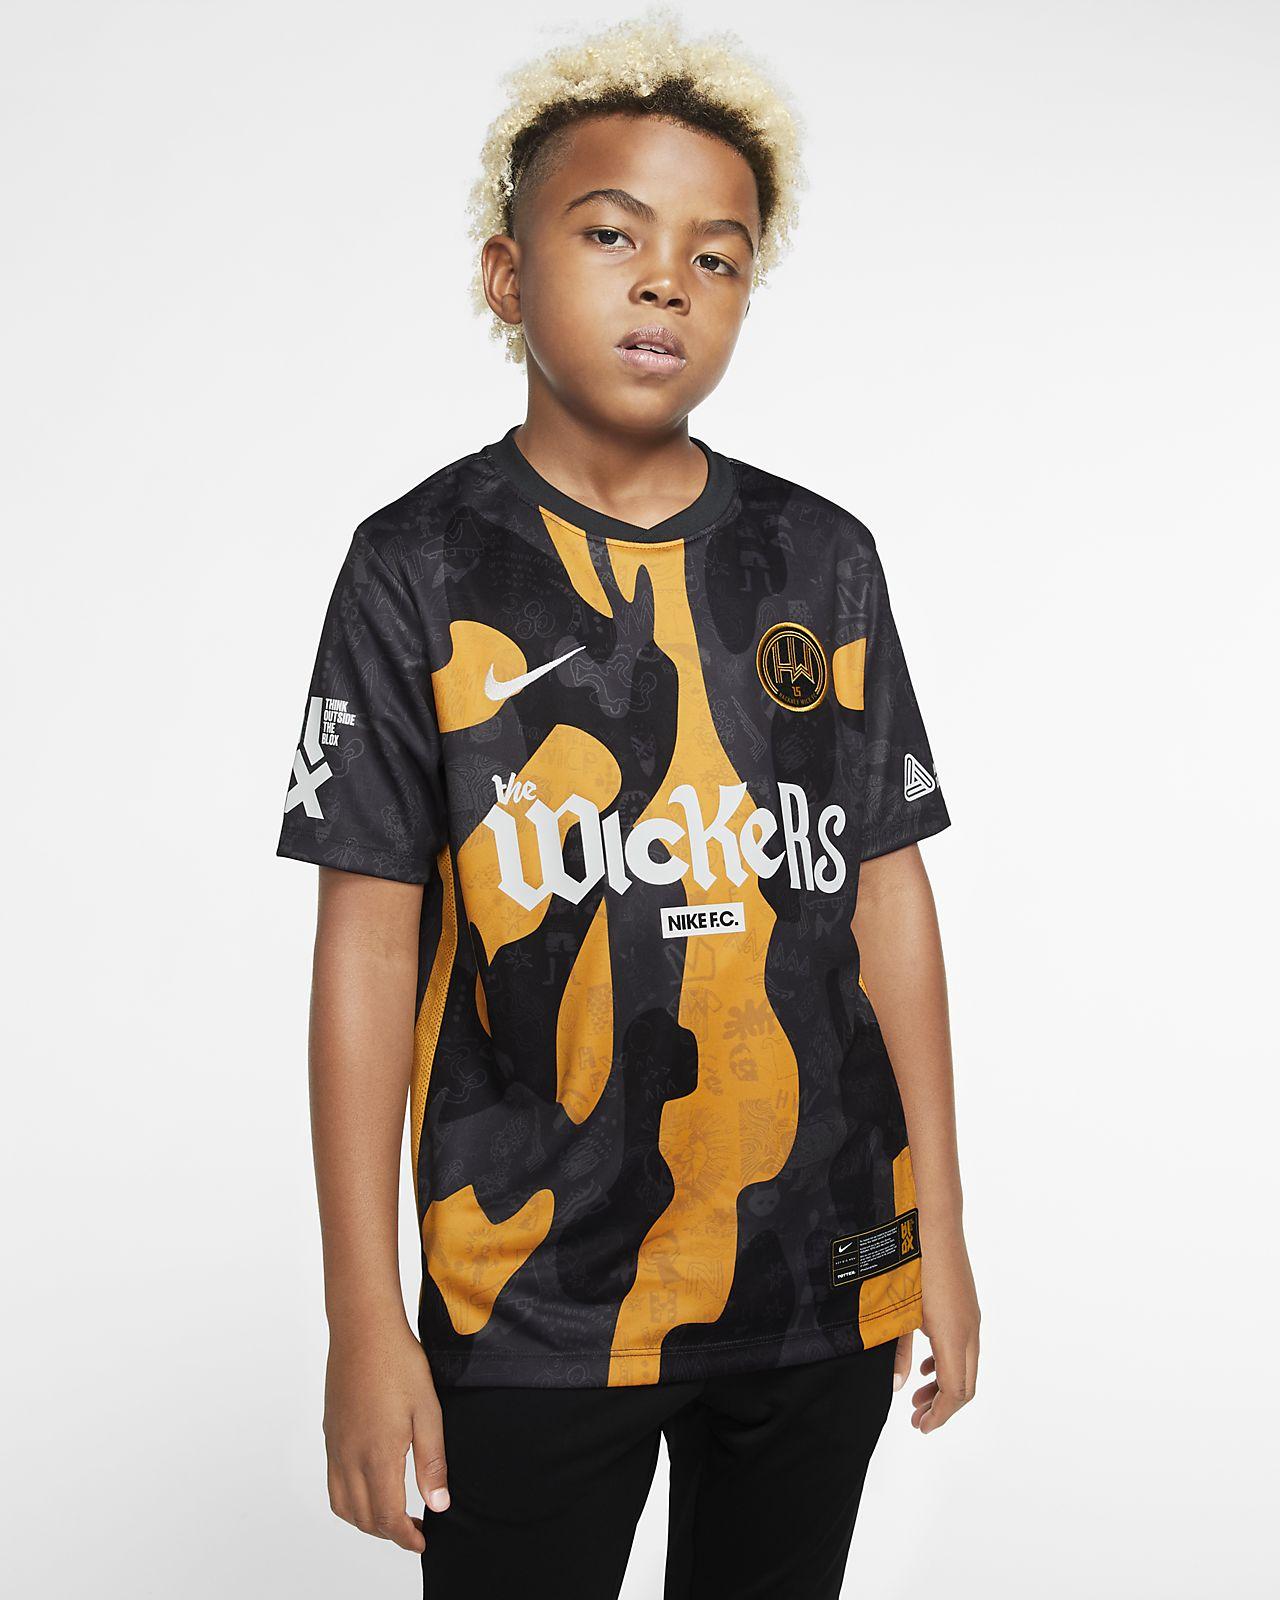 Ποδοσφαιρική φανέλα Hackney Wick FC Home για μεγάλα παιδιά